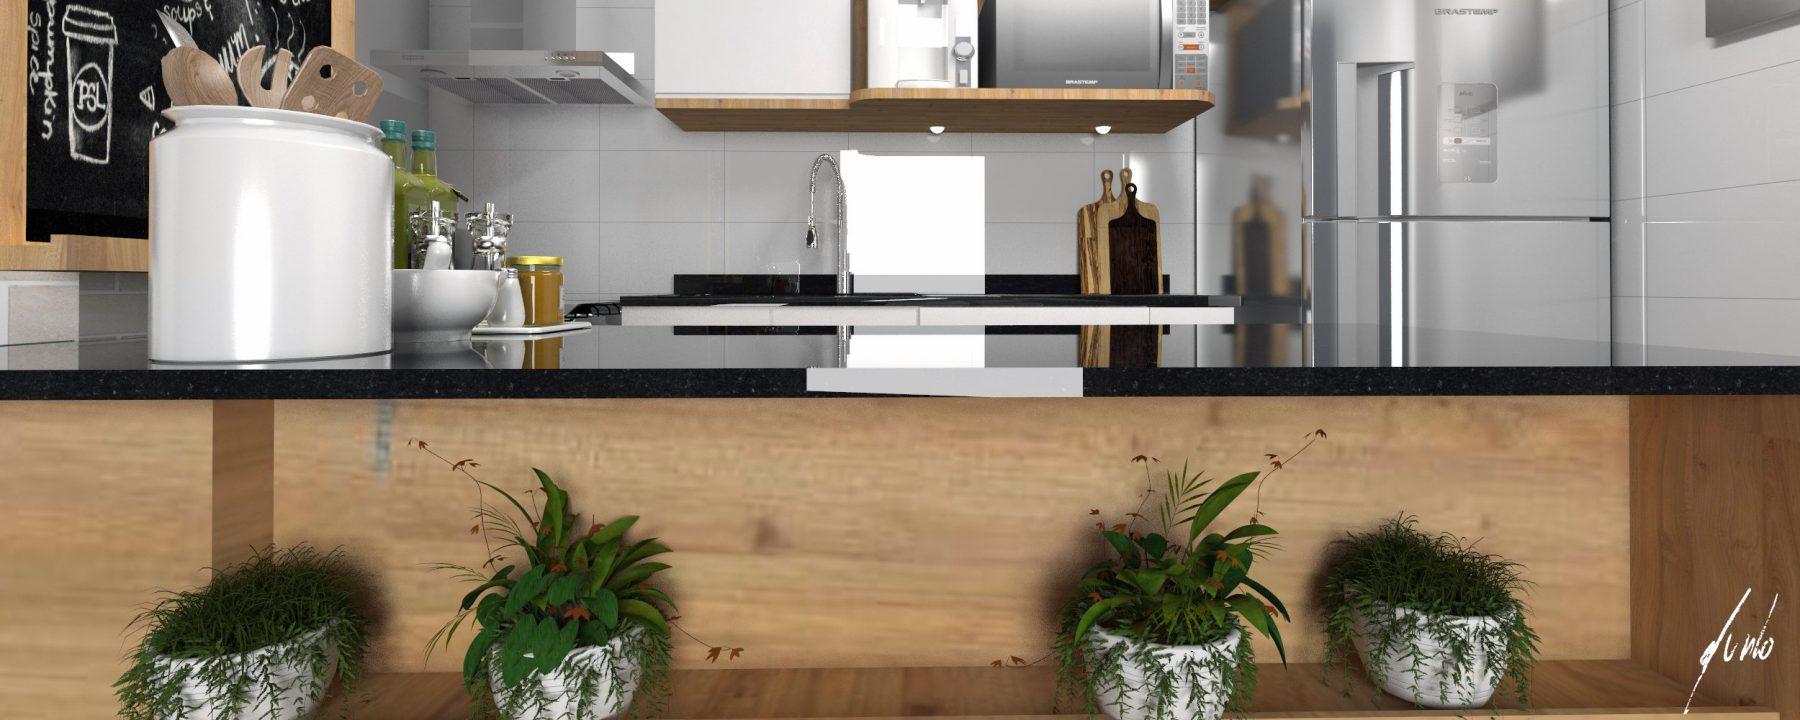 Cropped Cozinha Americana Com Bancada Design 07 Jpg Est Dio Murilo